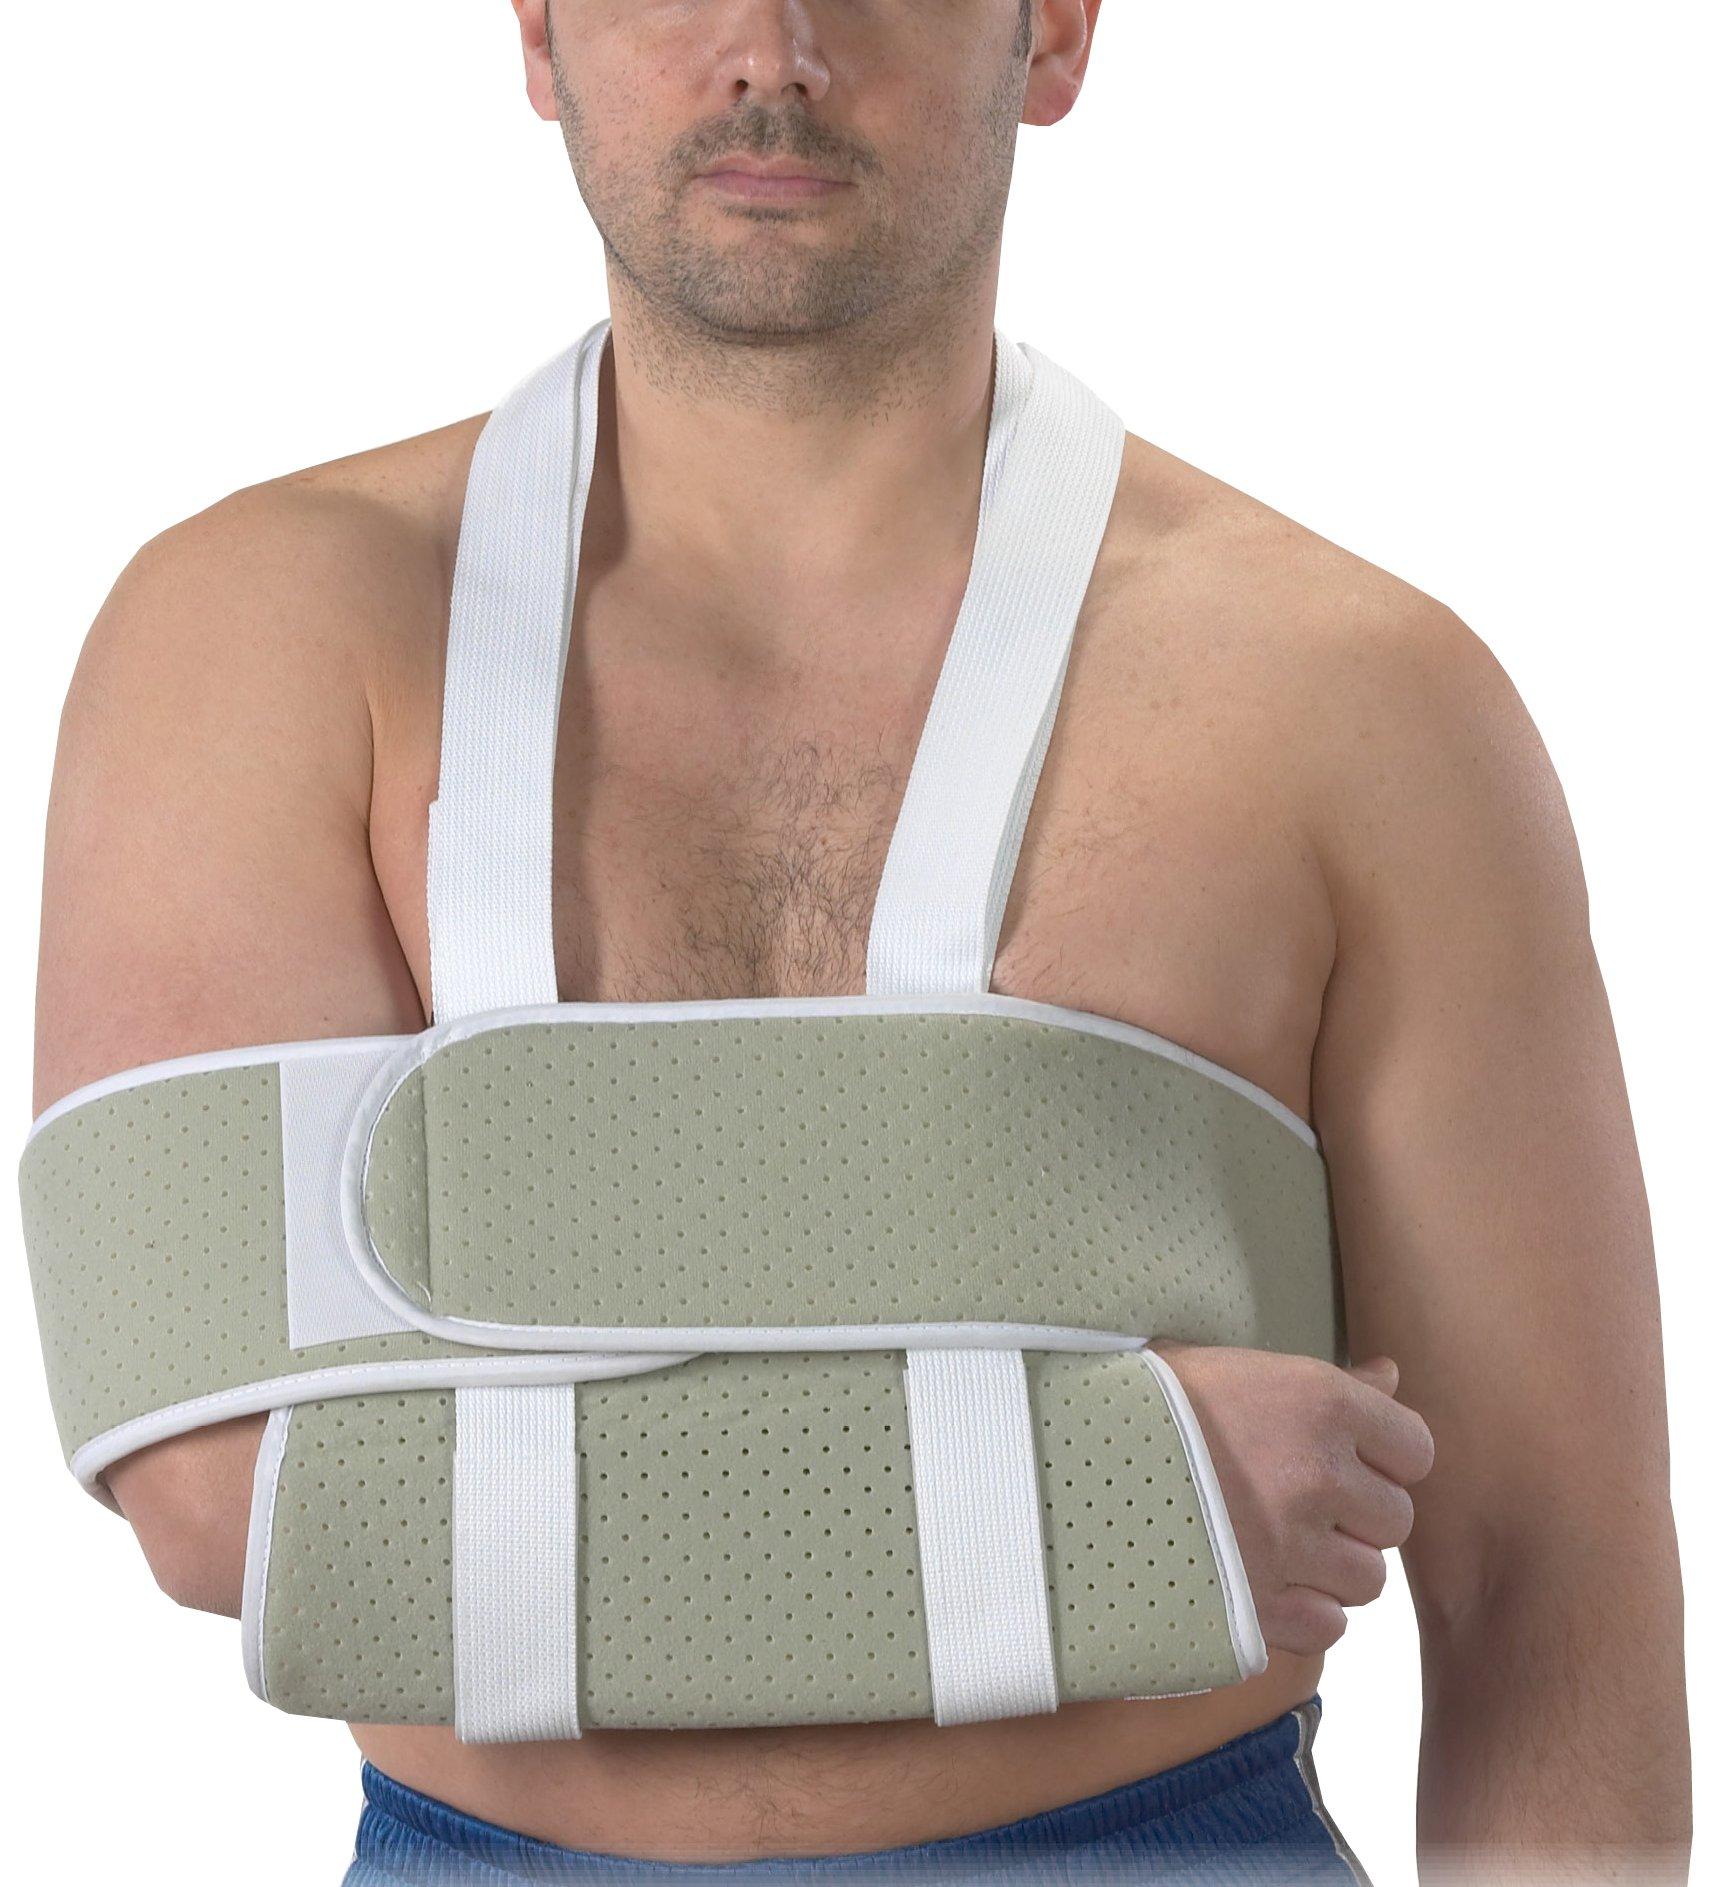 Bilt-Rite Mastex Health Universal Shoulder Immobilizer, Beige